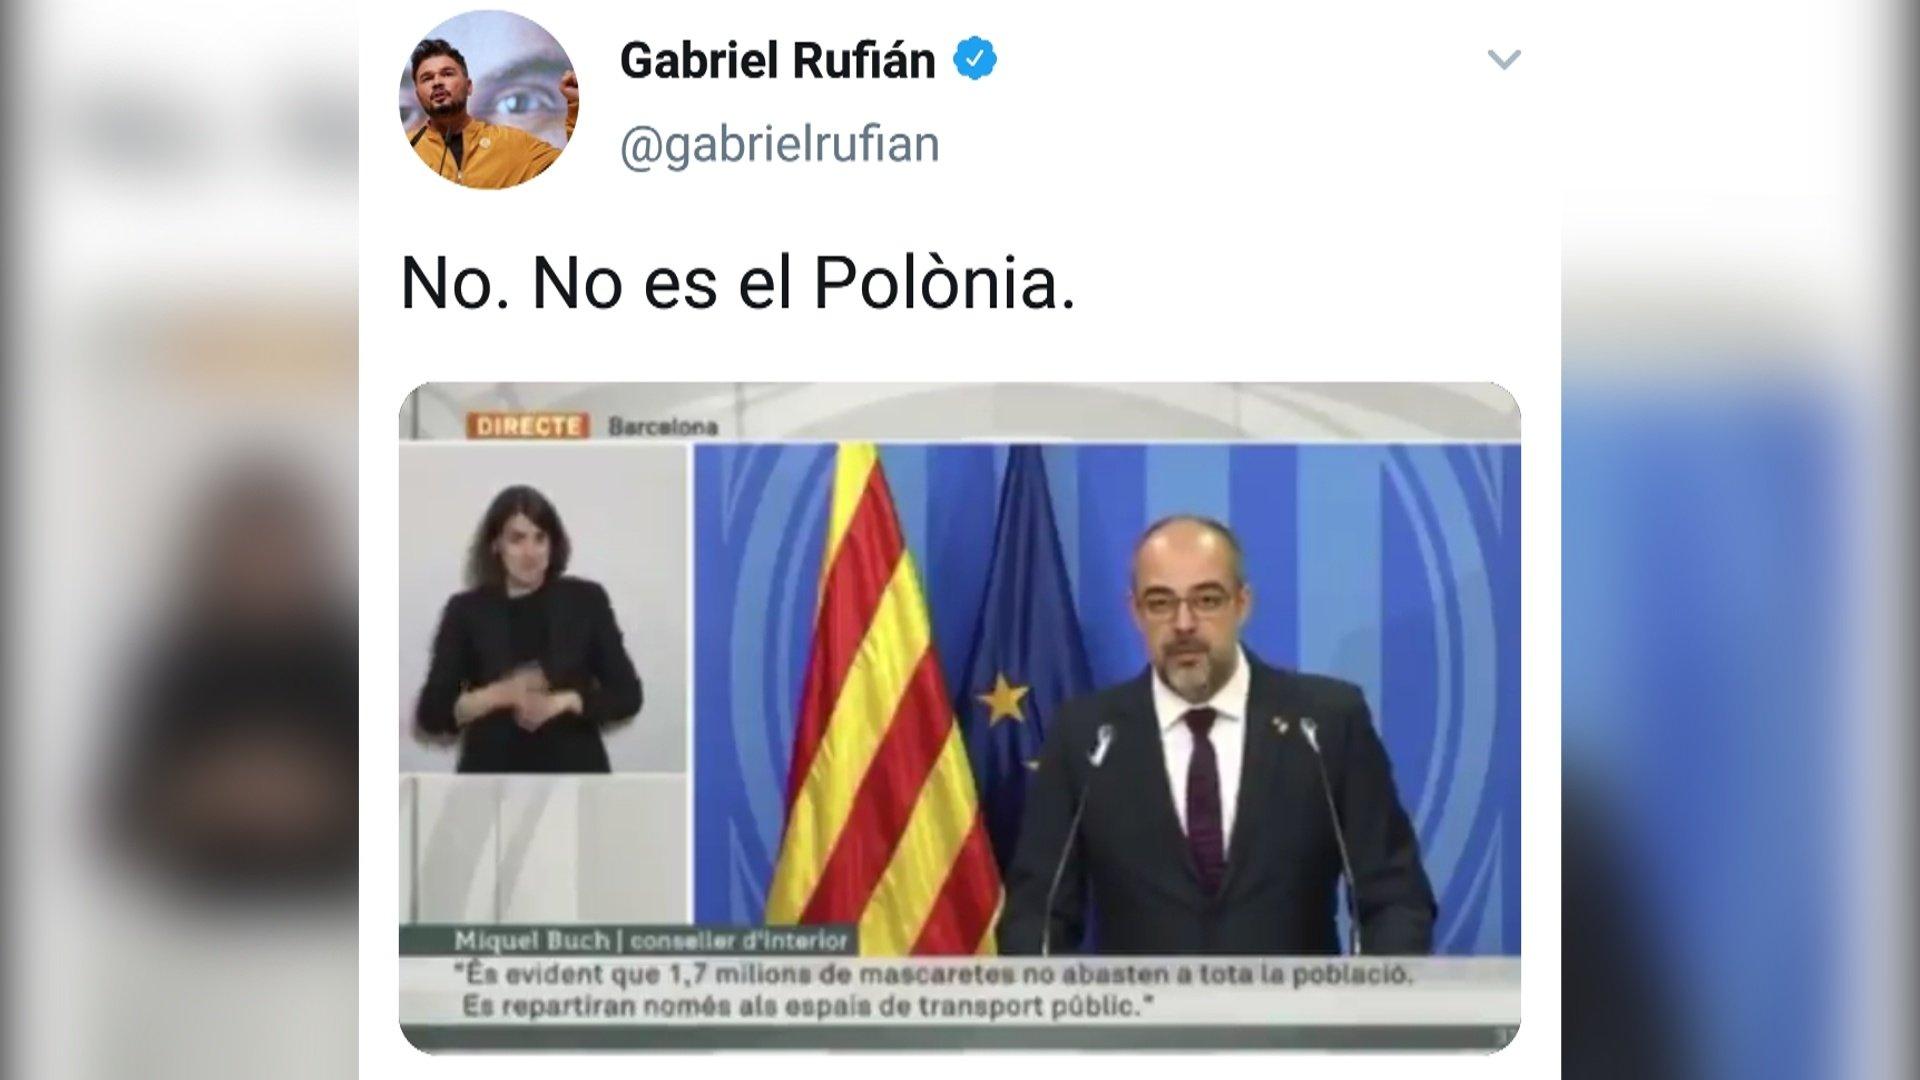 El tuit de Rufián